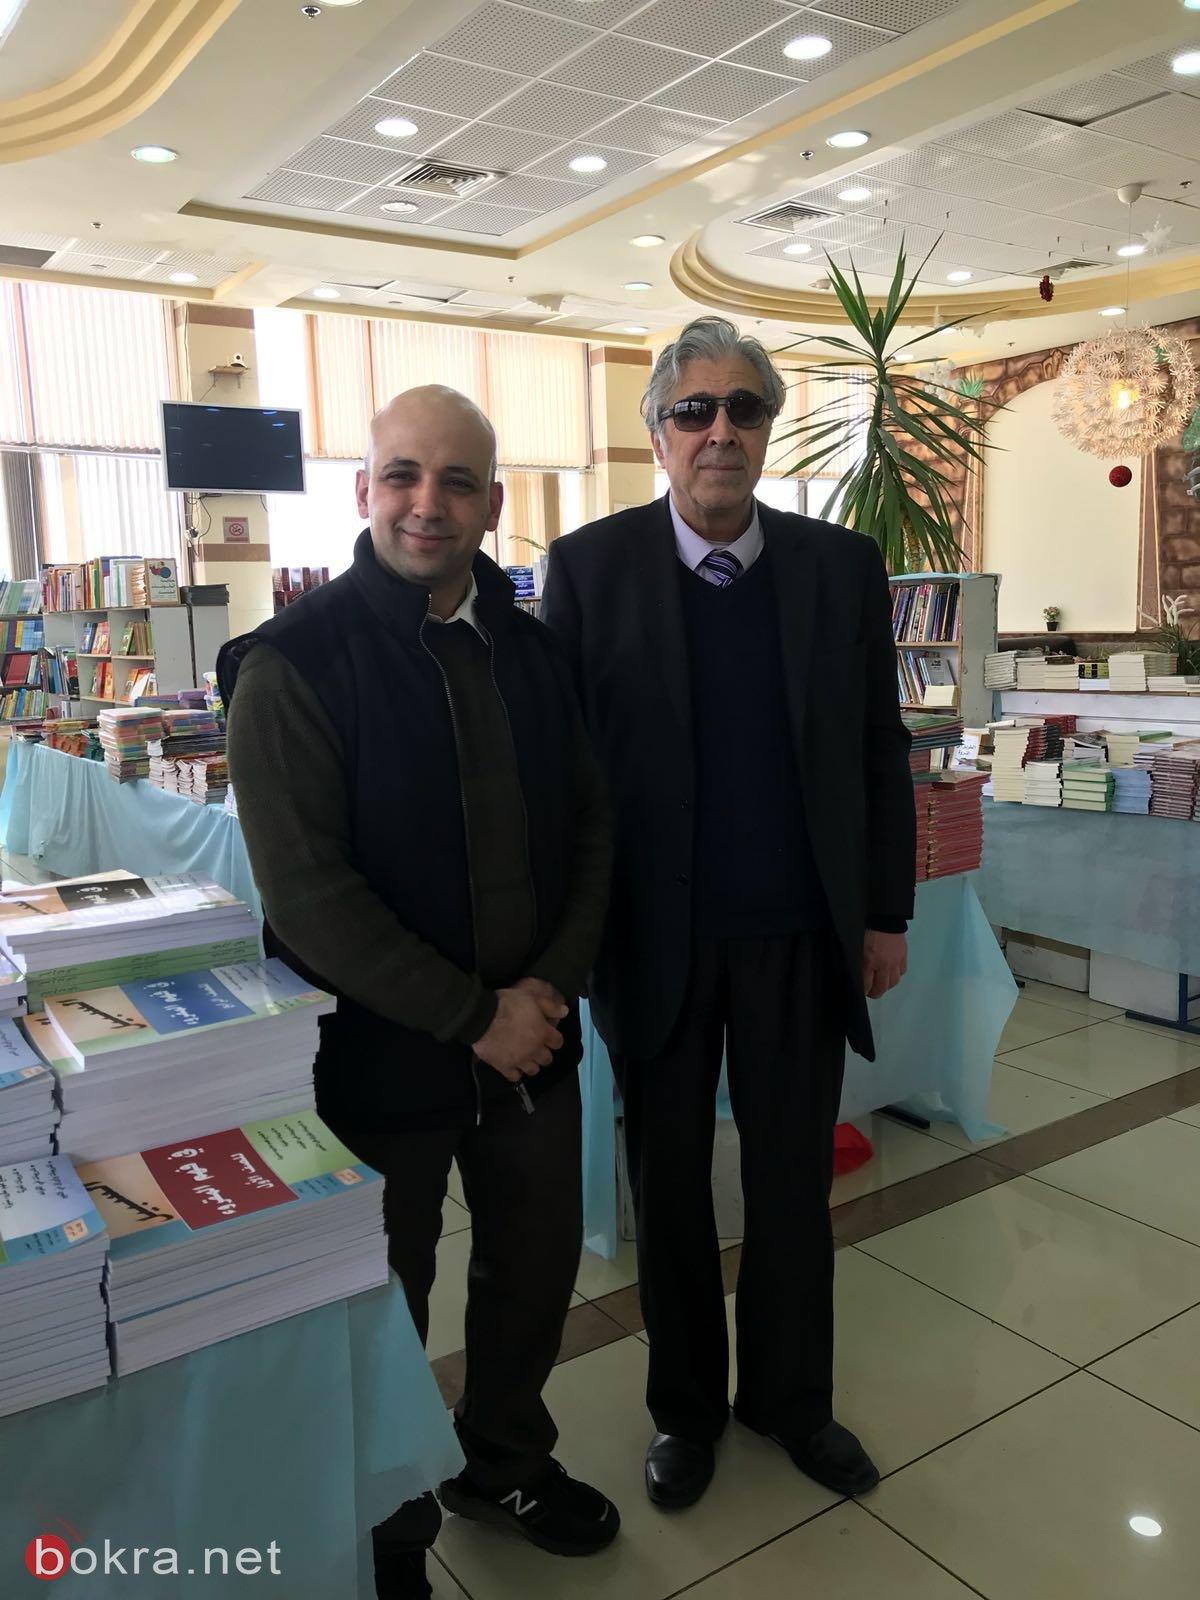 معرض الكتاب في كنيون كنعان- يركا يحقق نجاحاً كبيراً ، المستمر حتى السبت 10.3.18